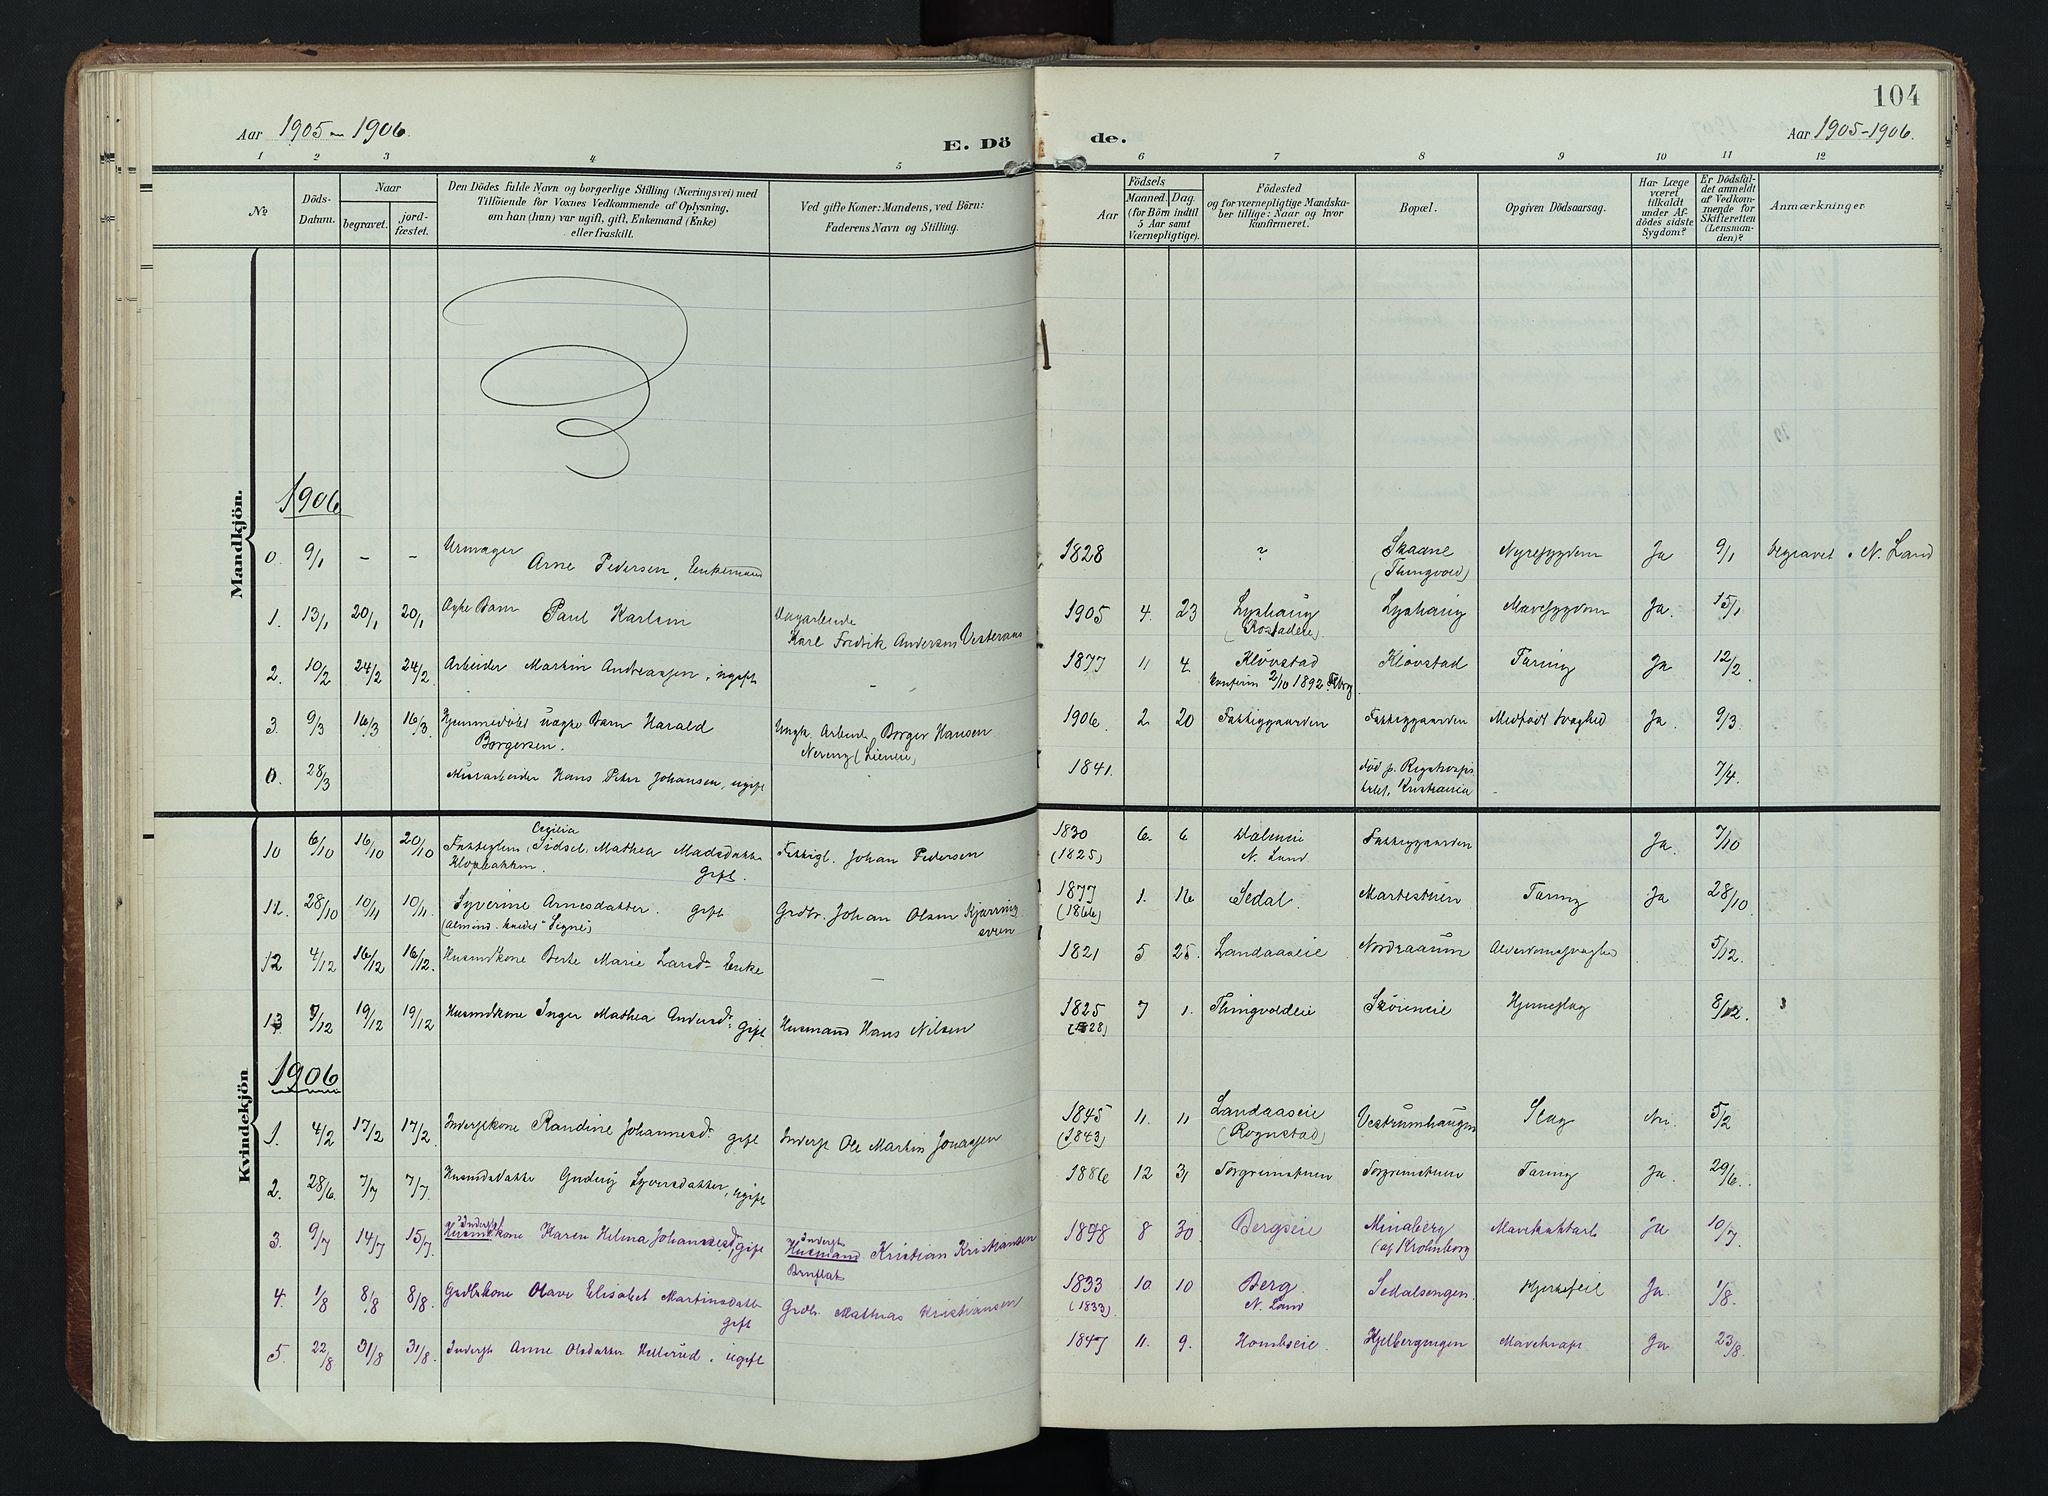 SAH, Søndre Land prestekontor, K/L0005: Ministerialbok nr. 5, 1905-1914, s. 104